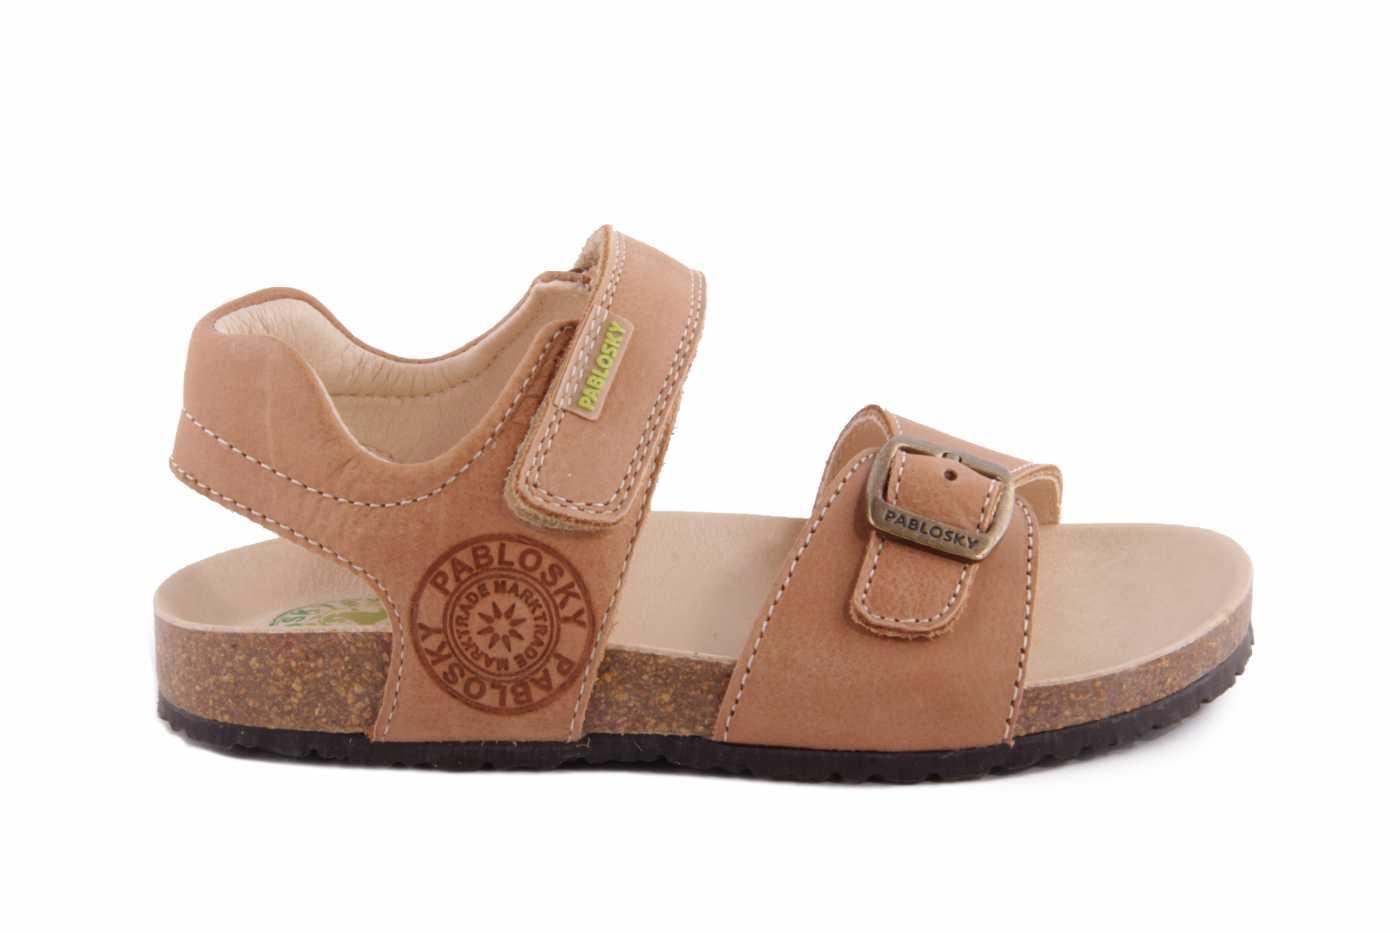 cc077062b Comprar zapato tipo JOVEN NIÑO estilo SANDALIA COLOR CAMEL PIEL ...